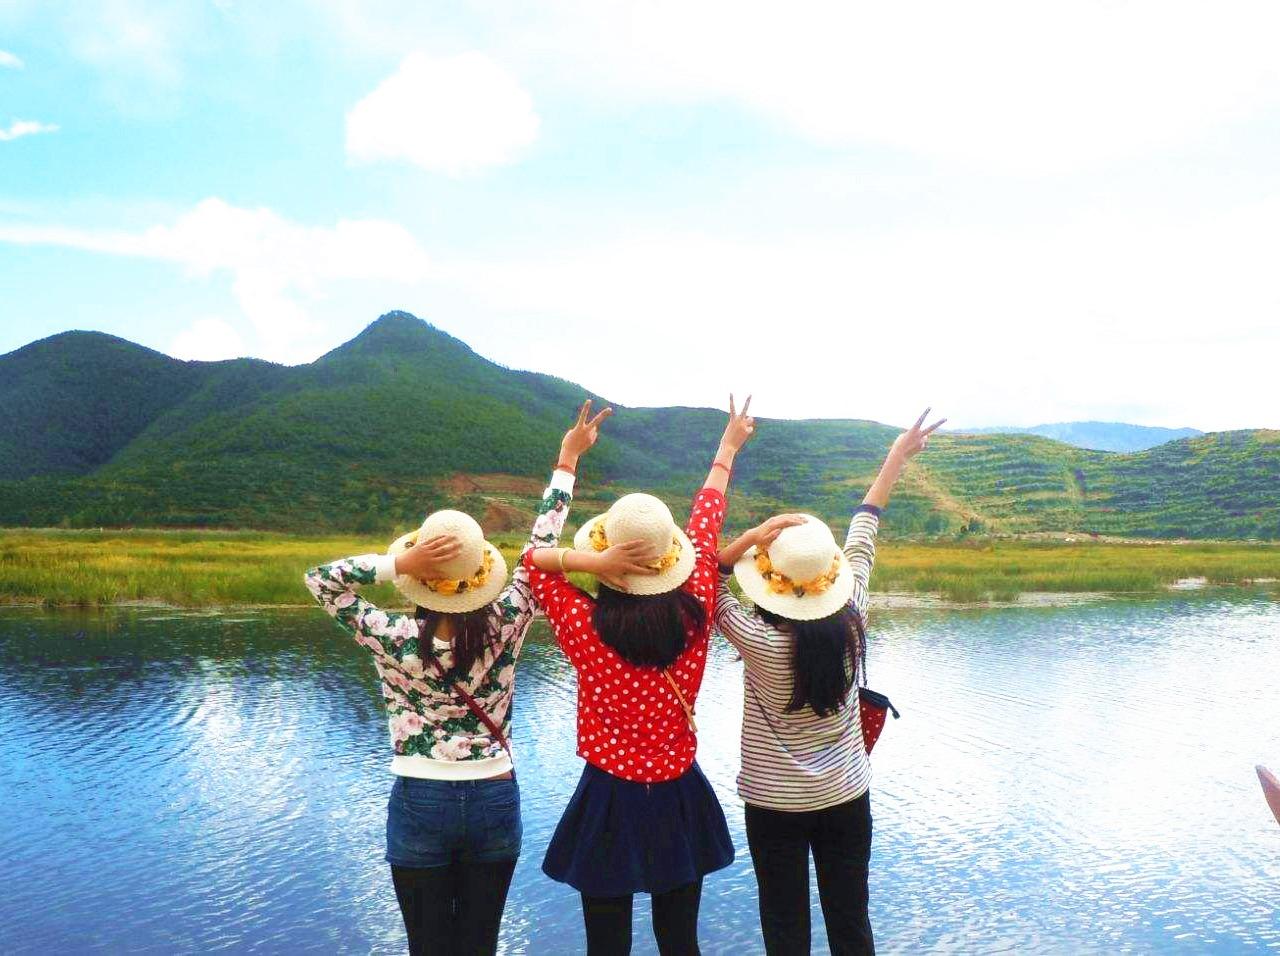 泸沽湖+西昌 阳光之旅4日 天天出发